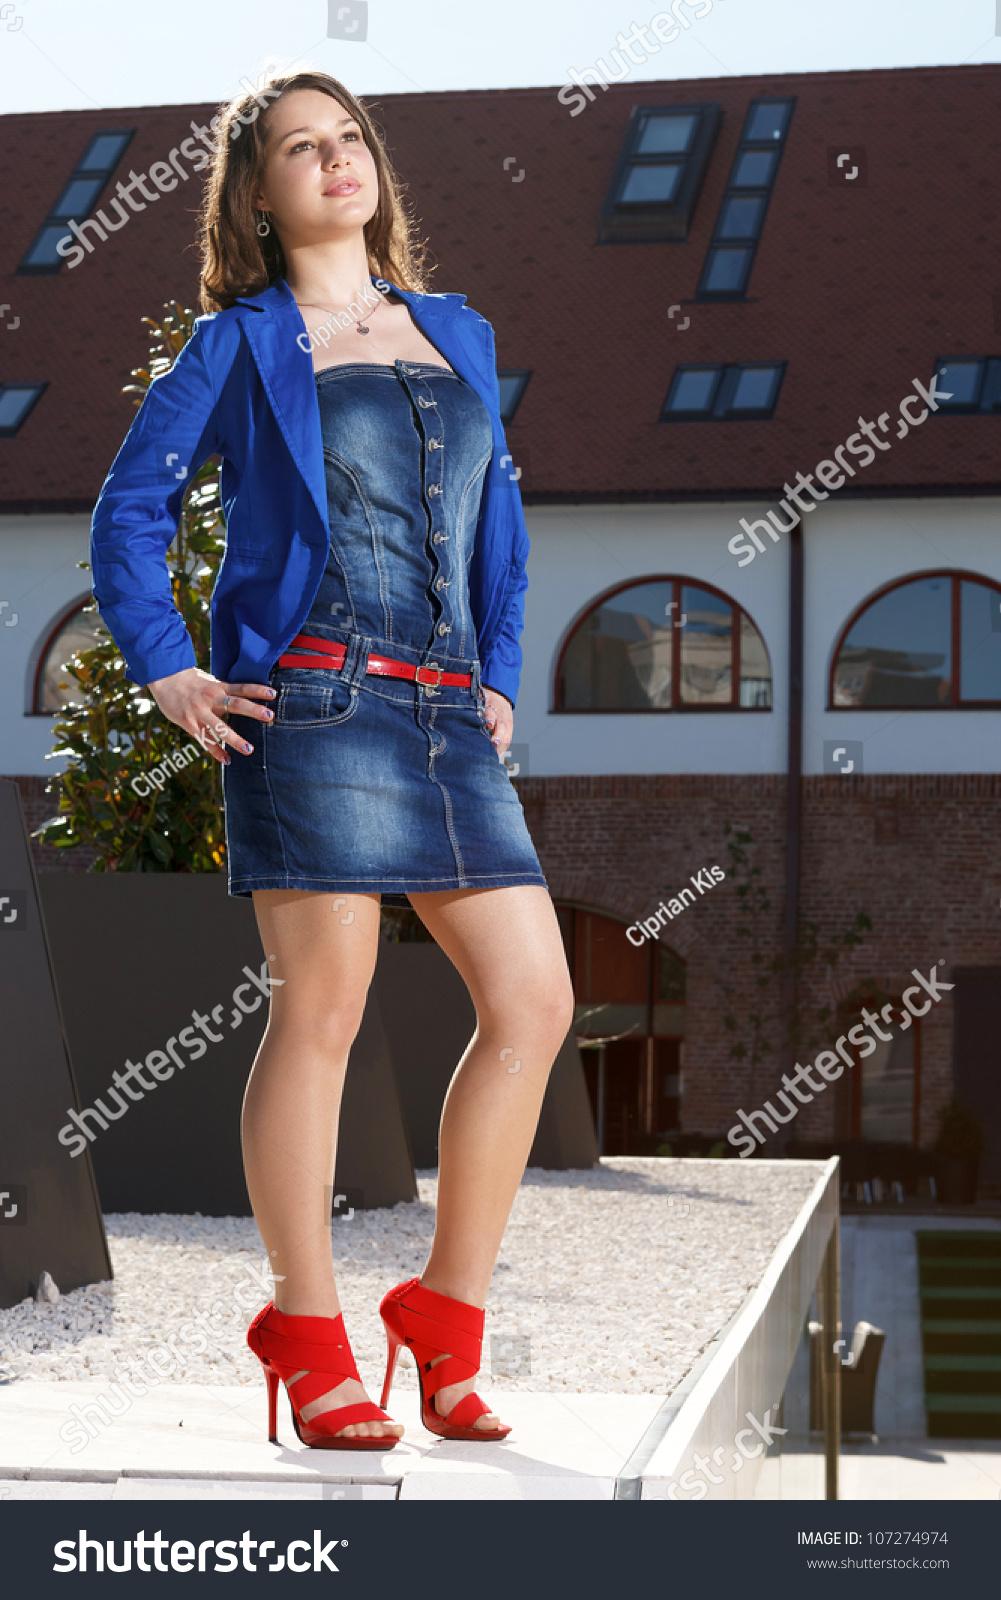 Handsome Girl Wearing Short Skirt Red Stock Photo 107274974 ...